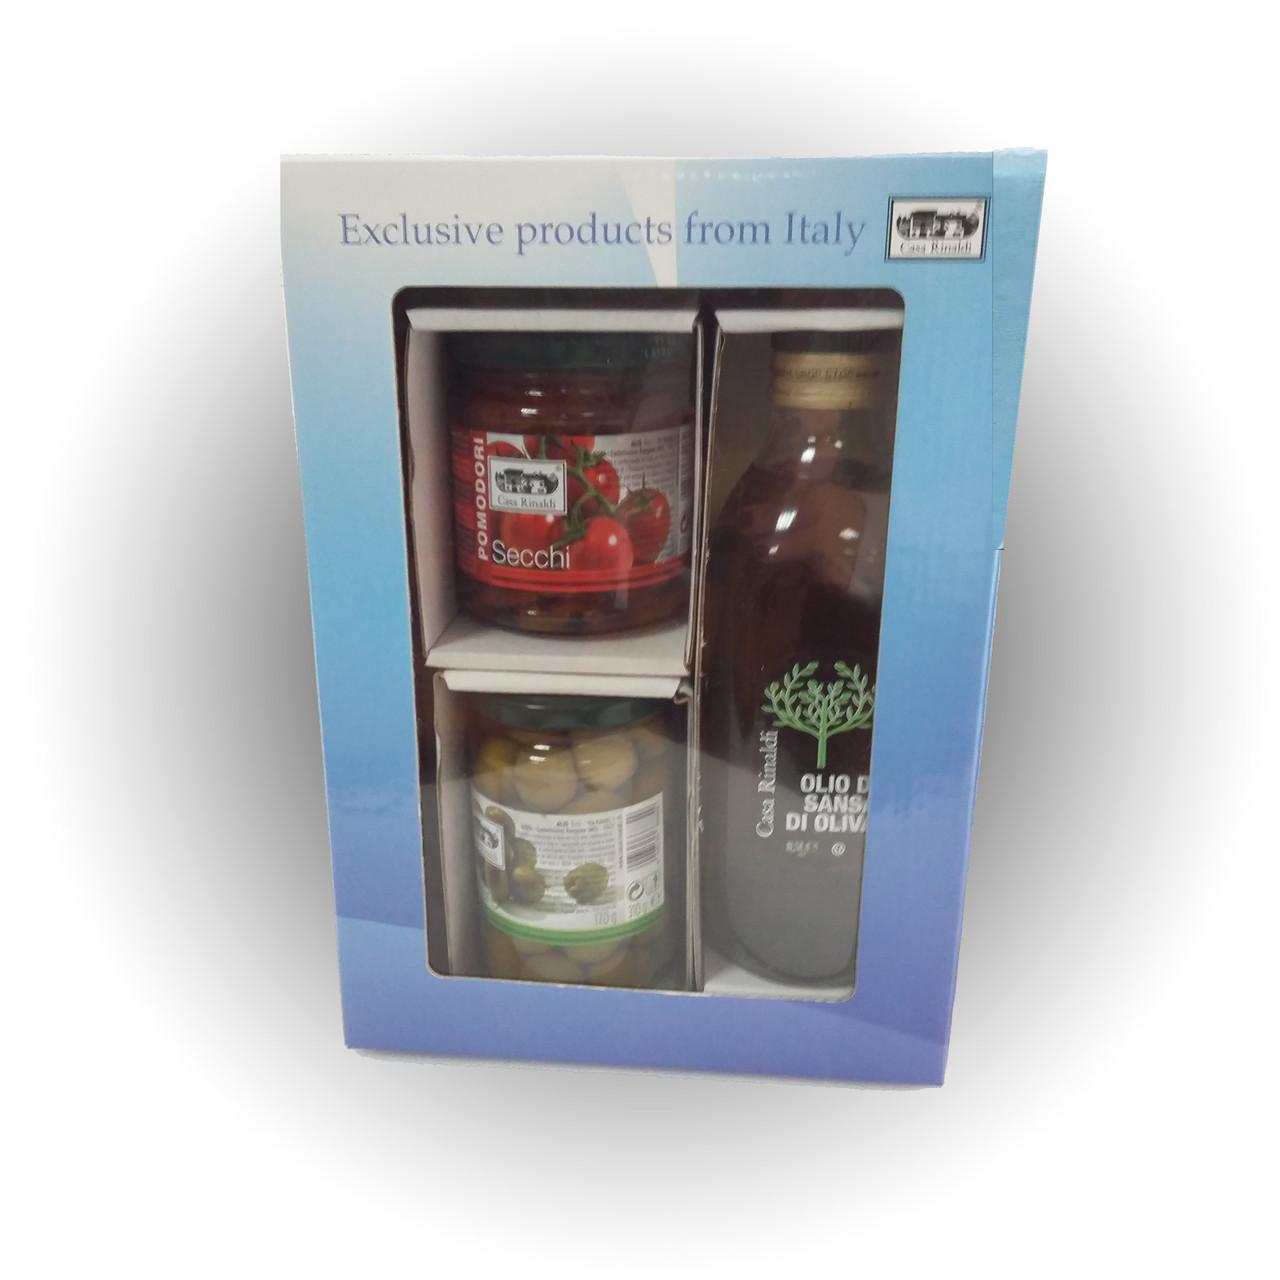 Подарочный набор Casa Rinaldi с продуктами Emozione  - Casa Rinaldi - продукты итальянского фермерства в Киеве